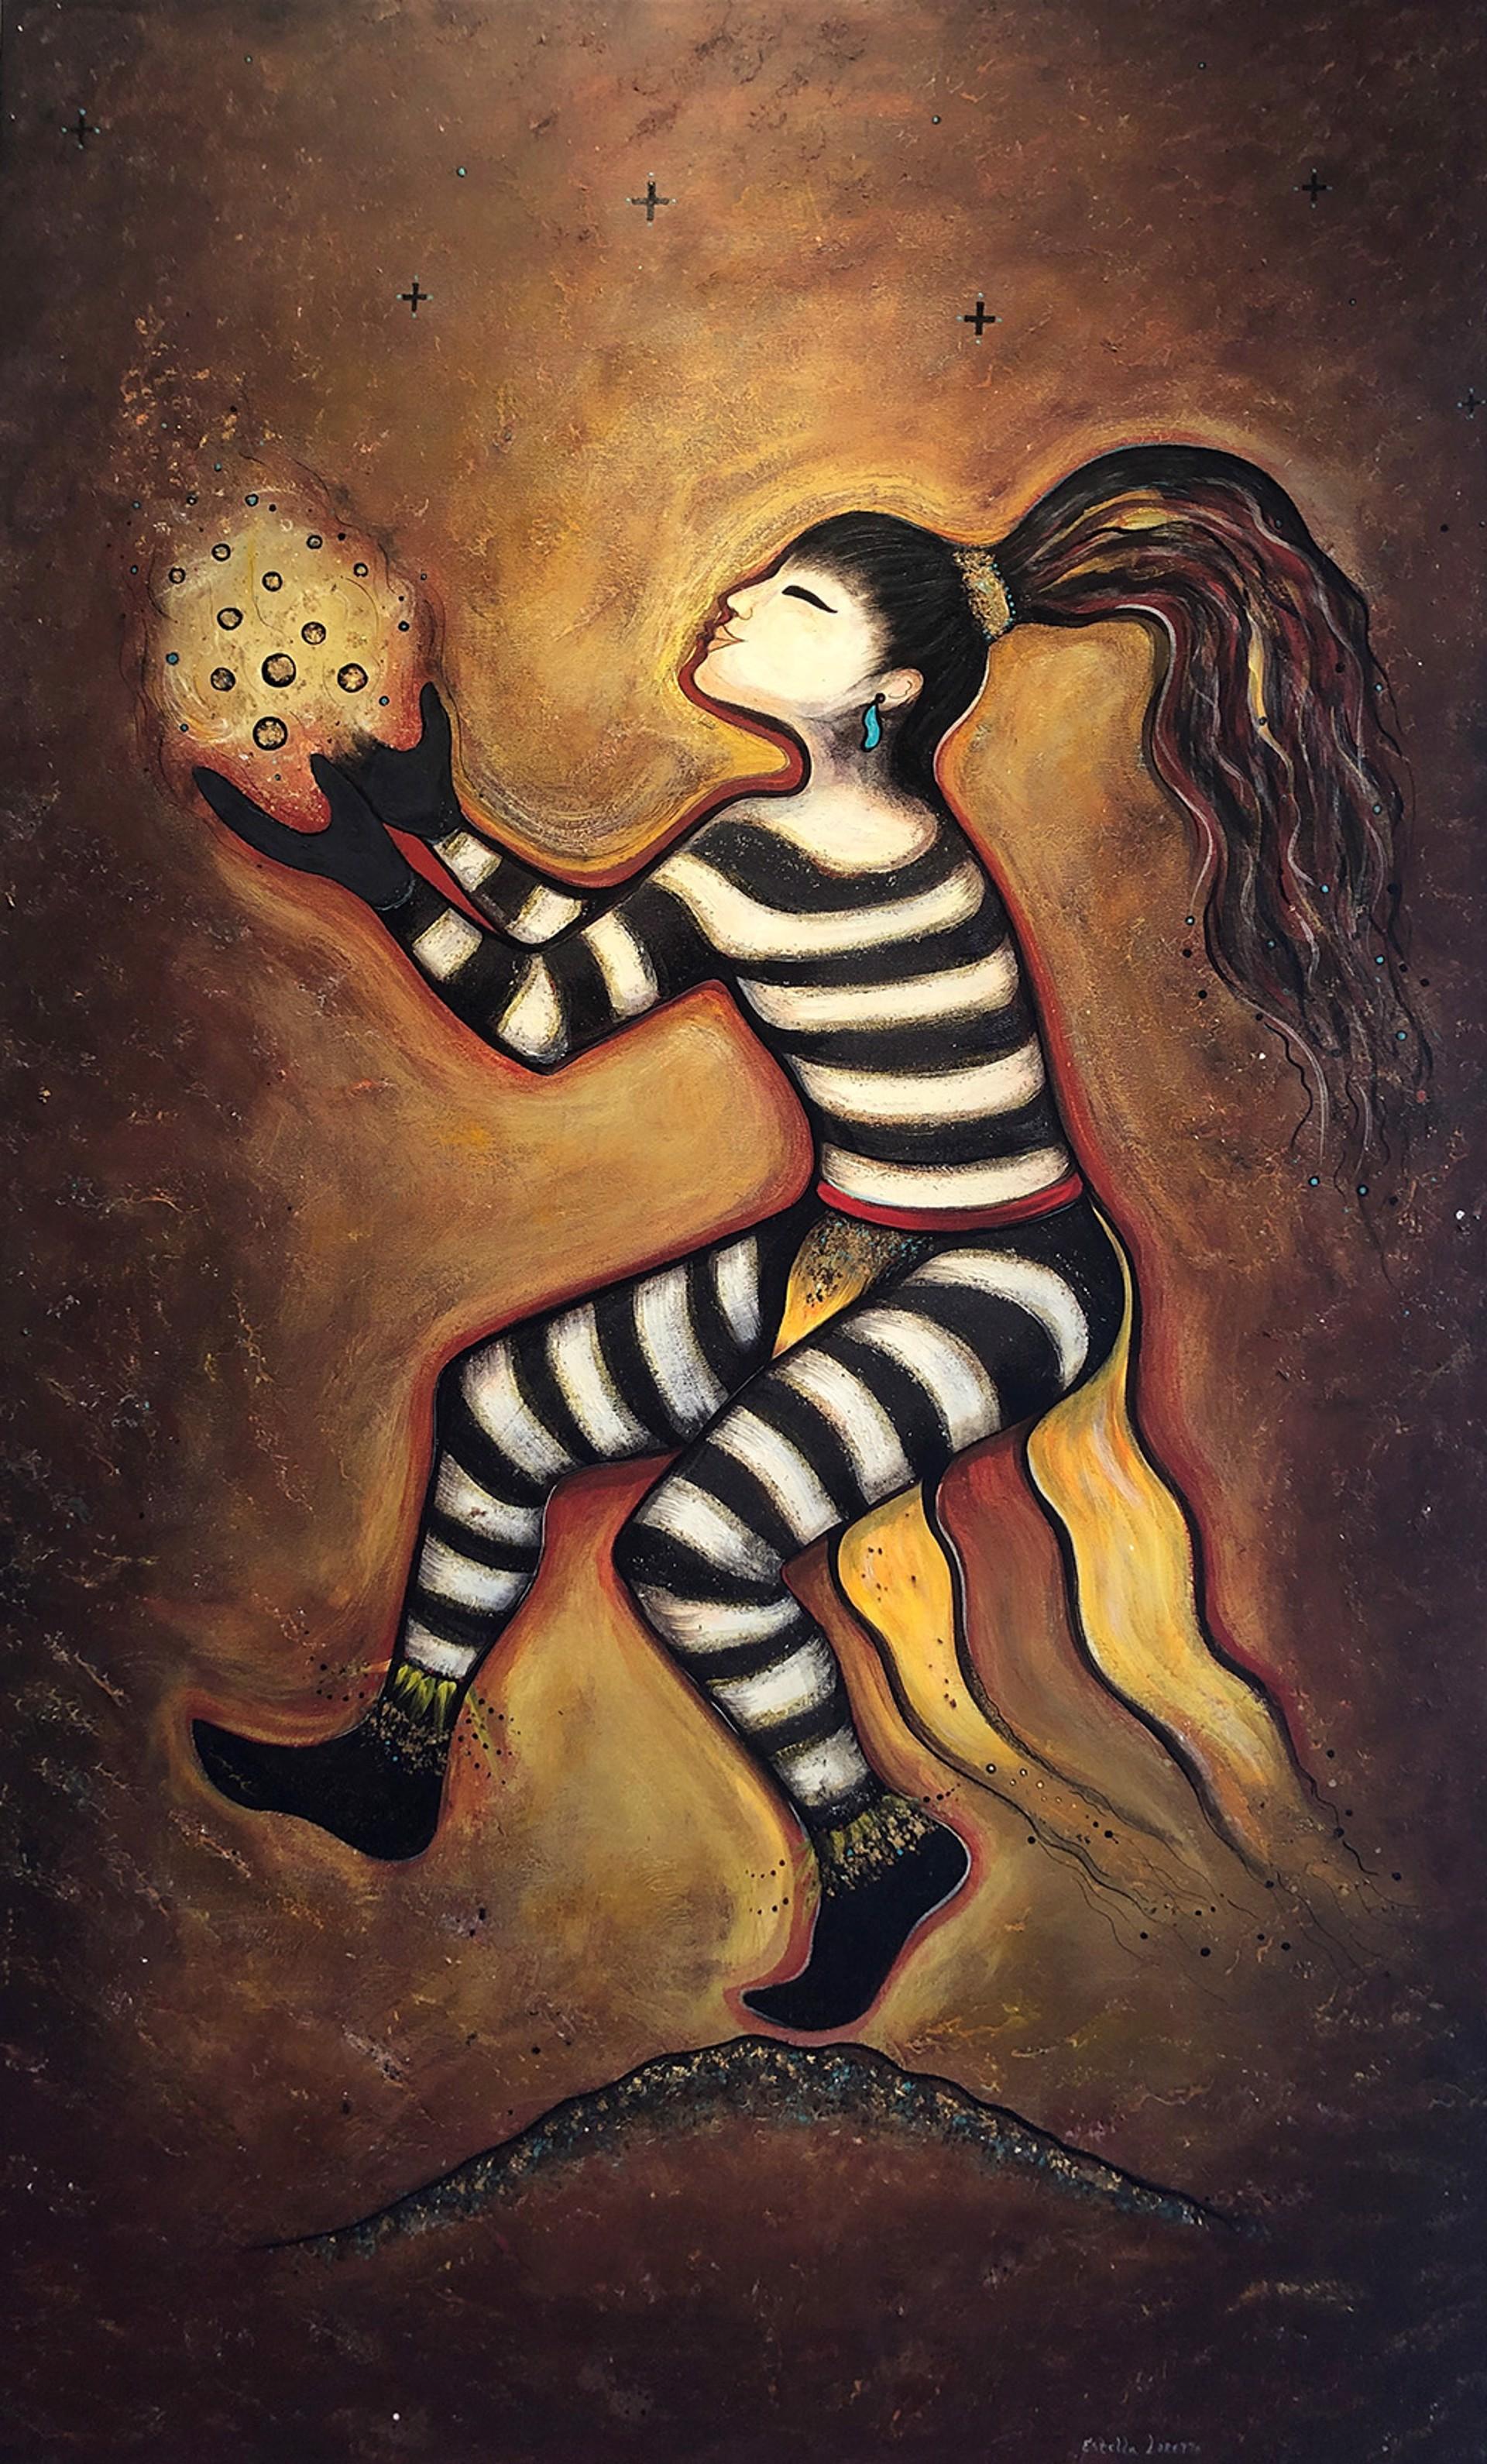 Making Good Magic by Estella Loretto